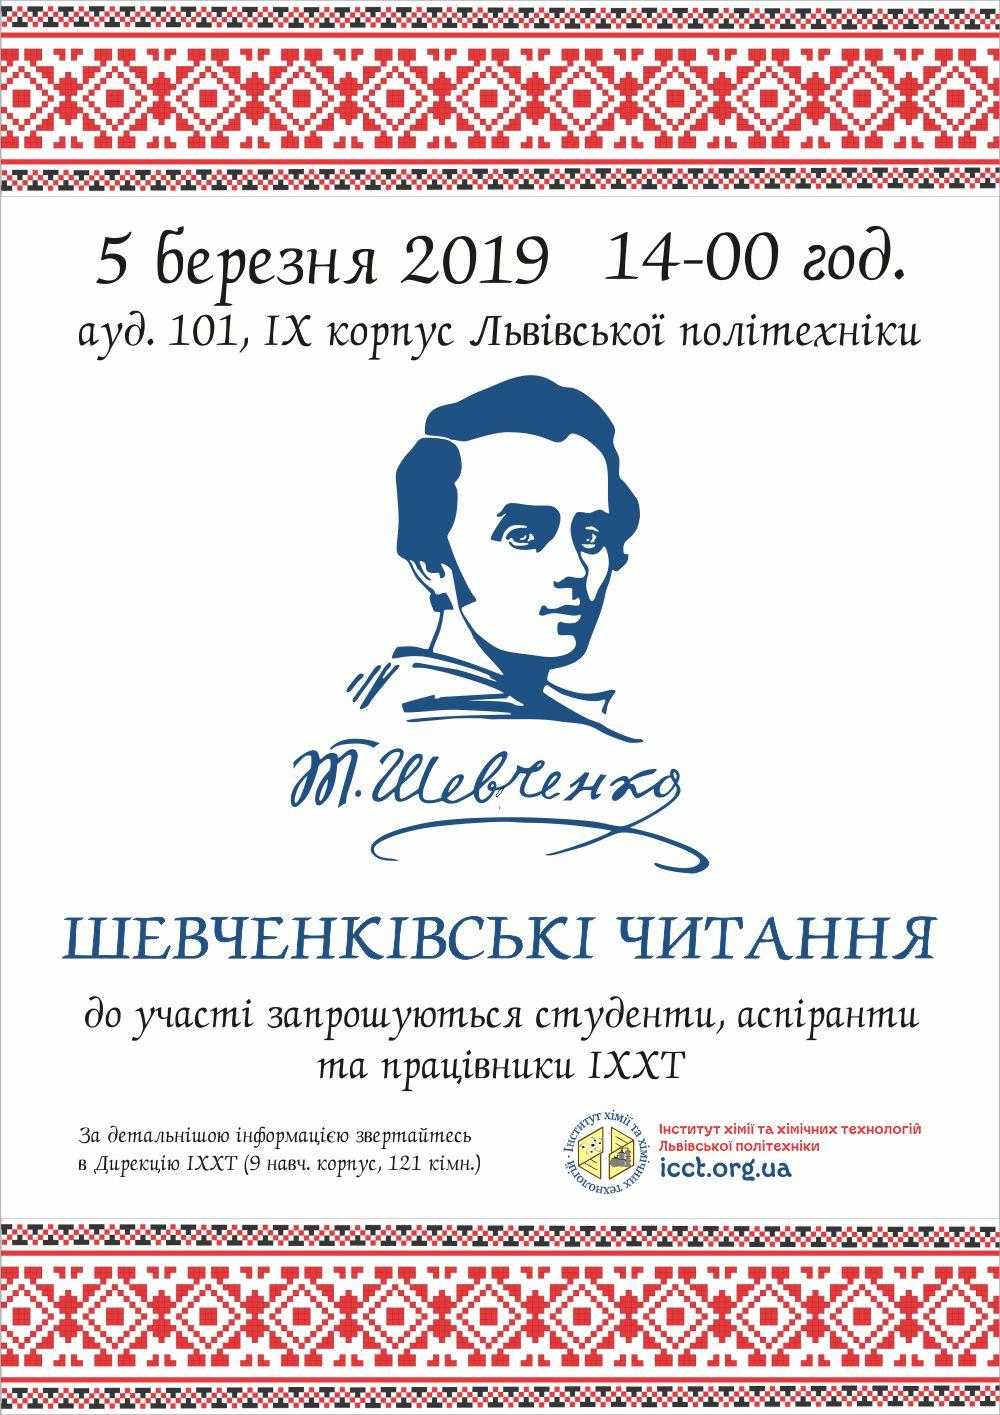 shevchenko-2019-1